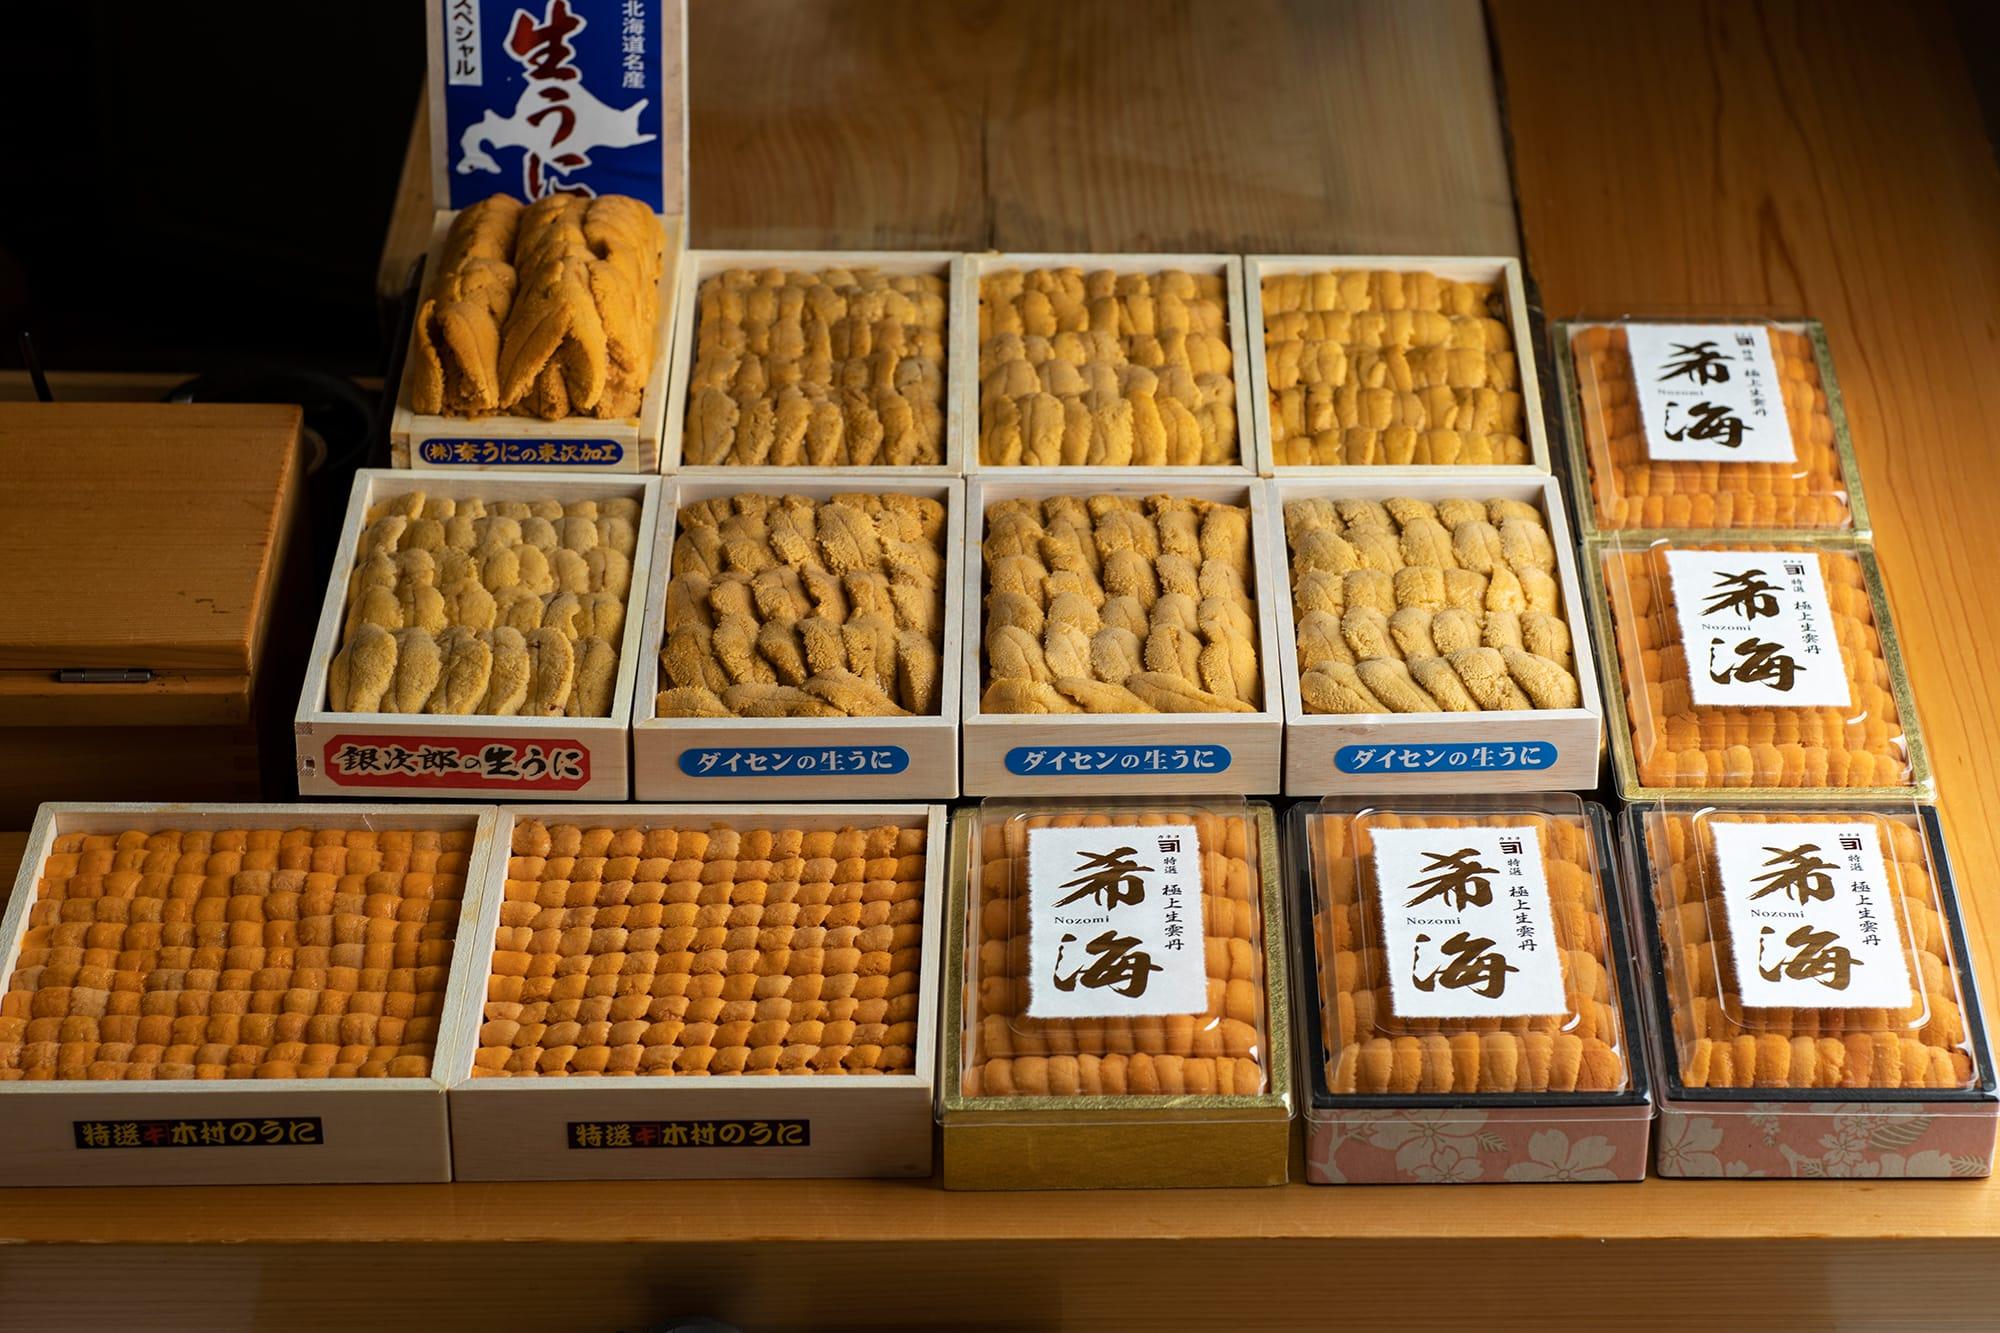 見事なウニのケースがずらりと並ぶ。季節によって変わる、さまざまなウニの食べ比べが可能。